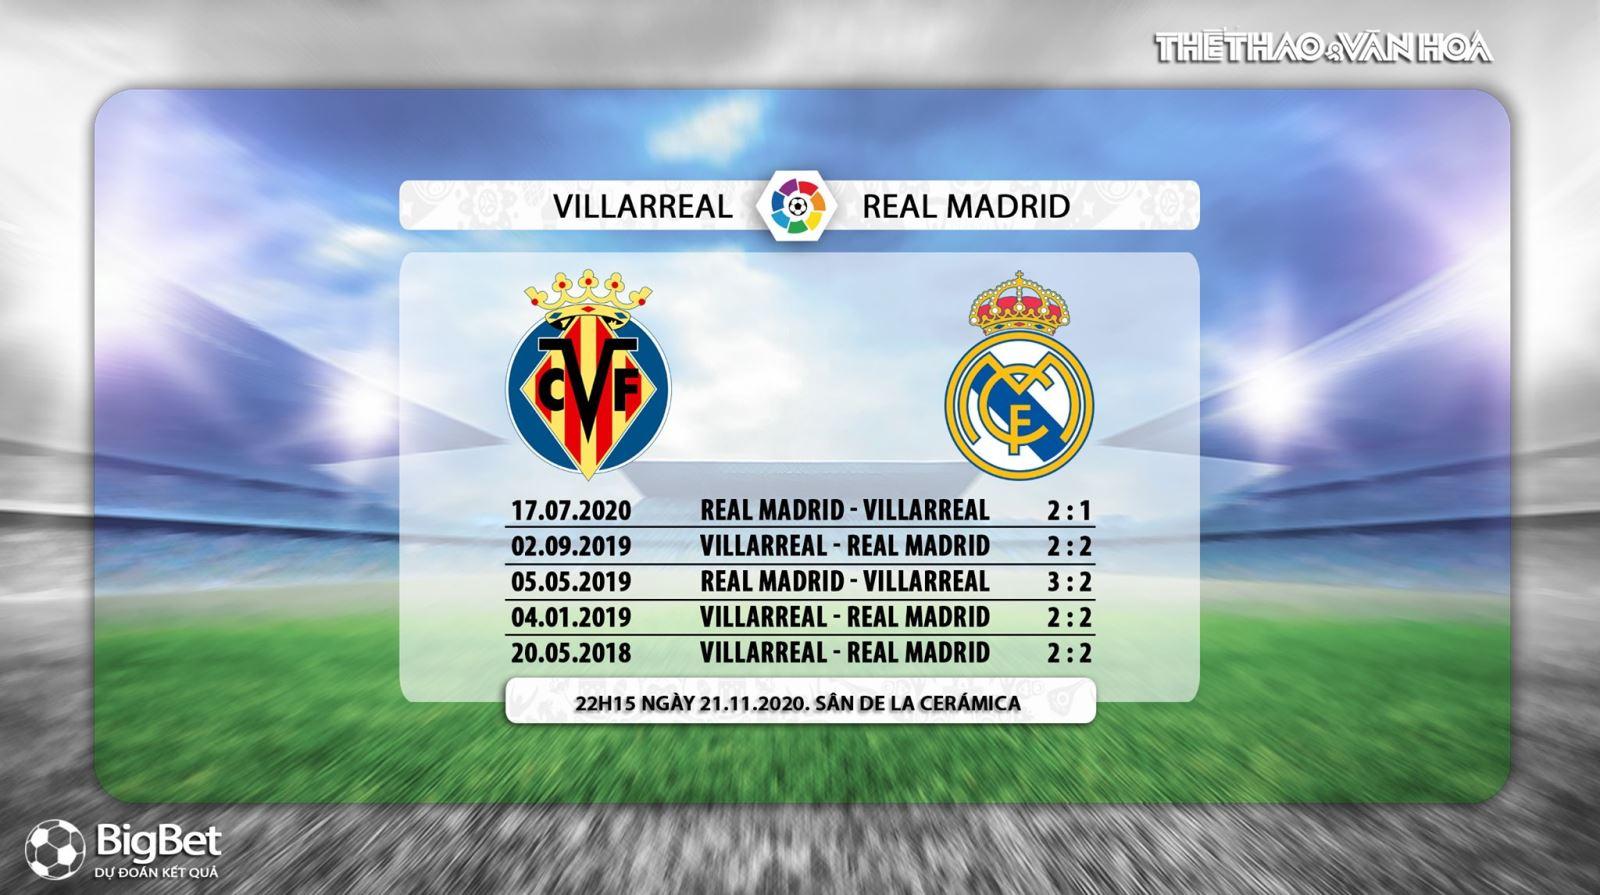 Keo nha cai, Kèo nhà cái, Villarreal vs Real Madrid, Vòng 10 La Liga, BĐTV trực tiếp, trực tiếp bóng đá Tây Ban Nha, xem trực tiếp Villarreal đấu với Real Madrid